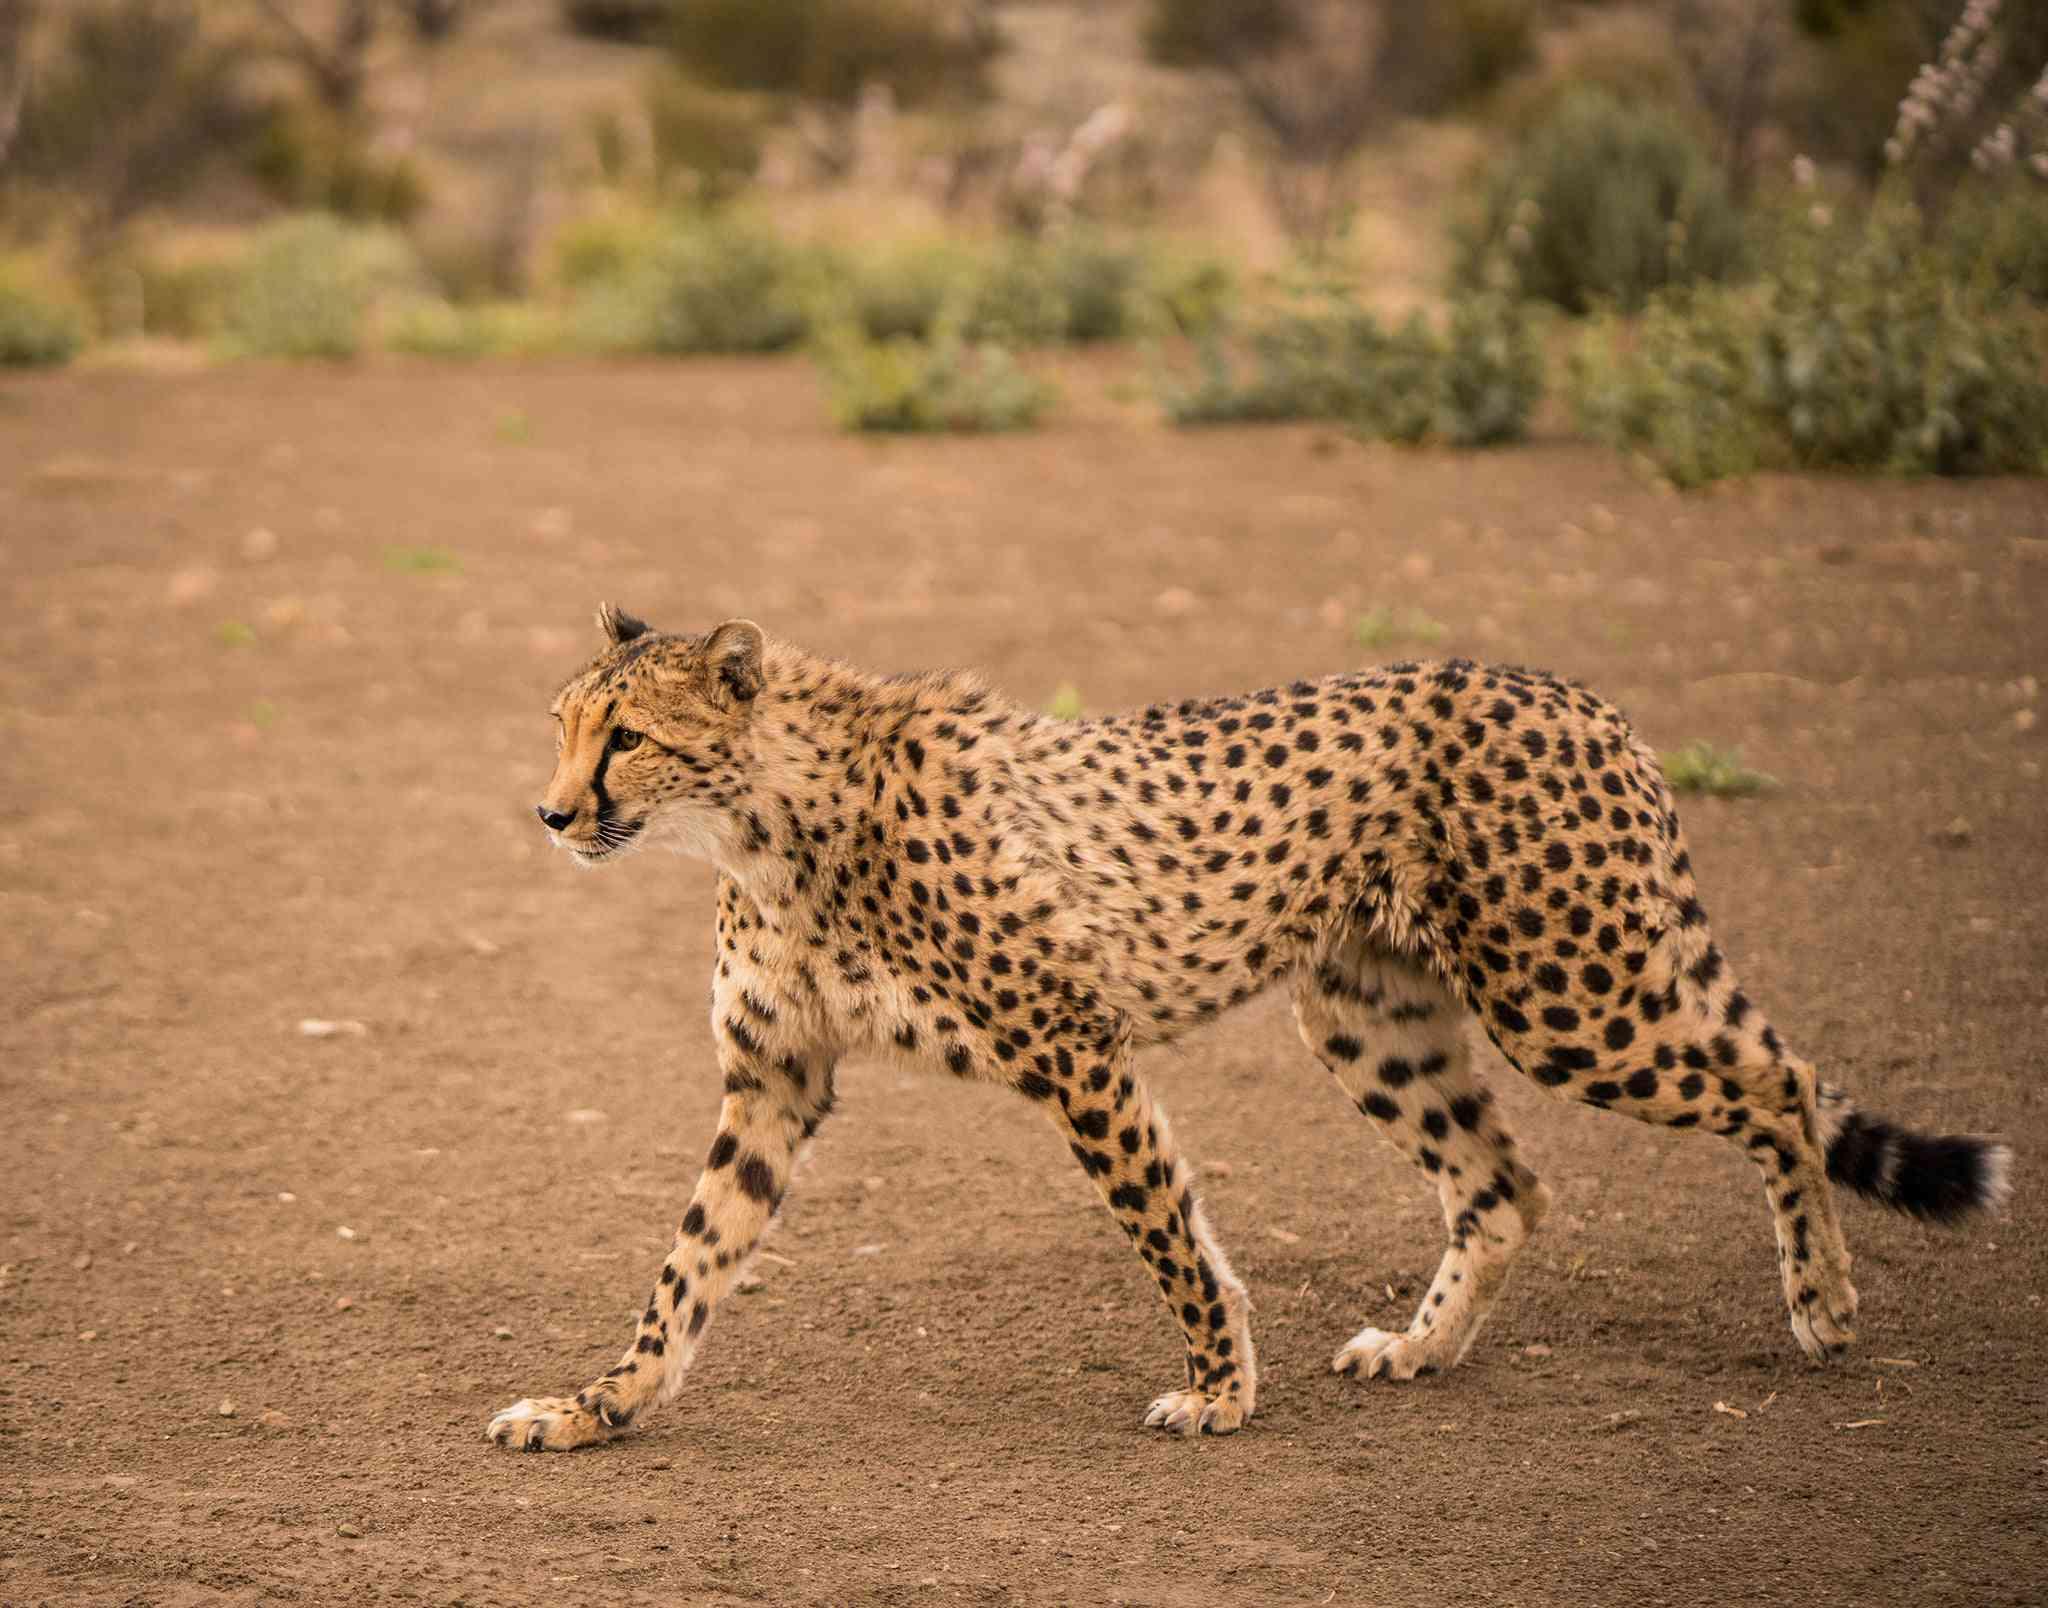 Image of a cheetah walking